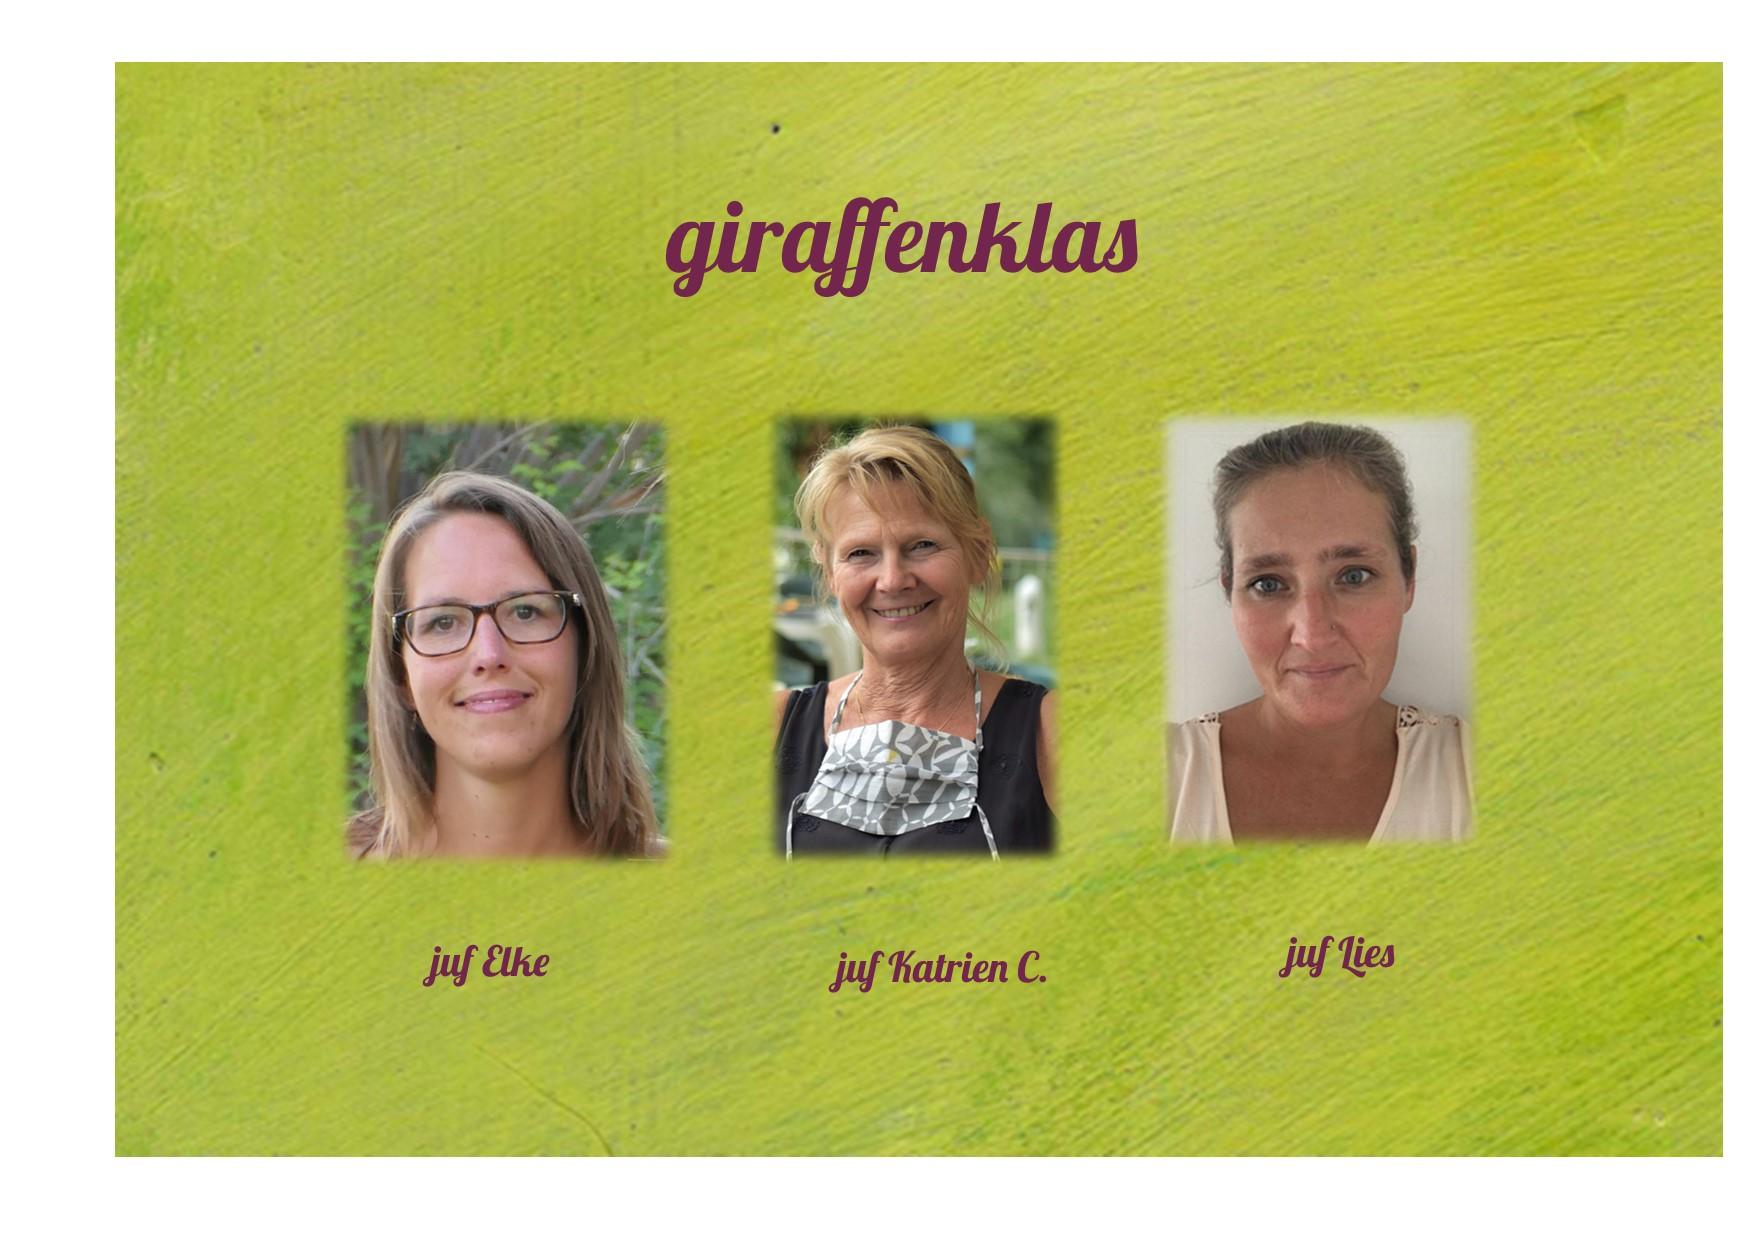 <p>2K: giraffenklas: juf Elke, juf Katrien en juf Lies</p>